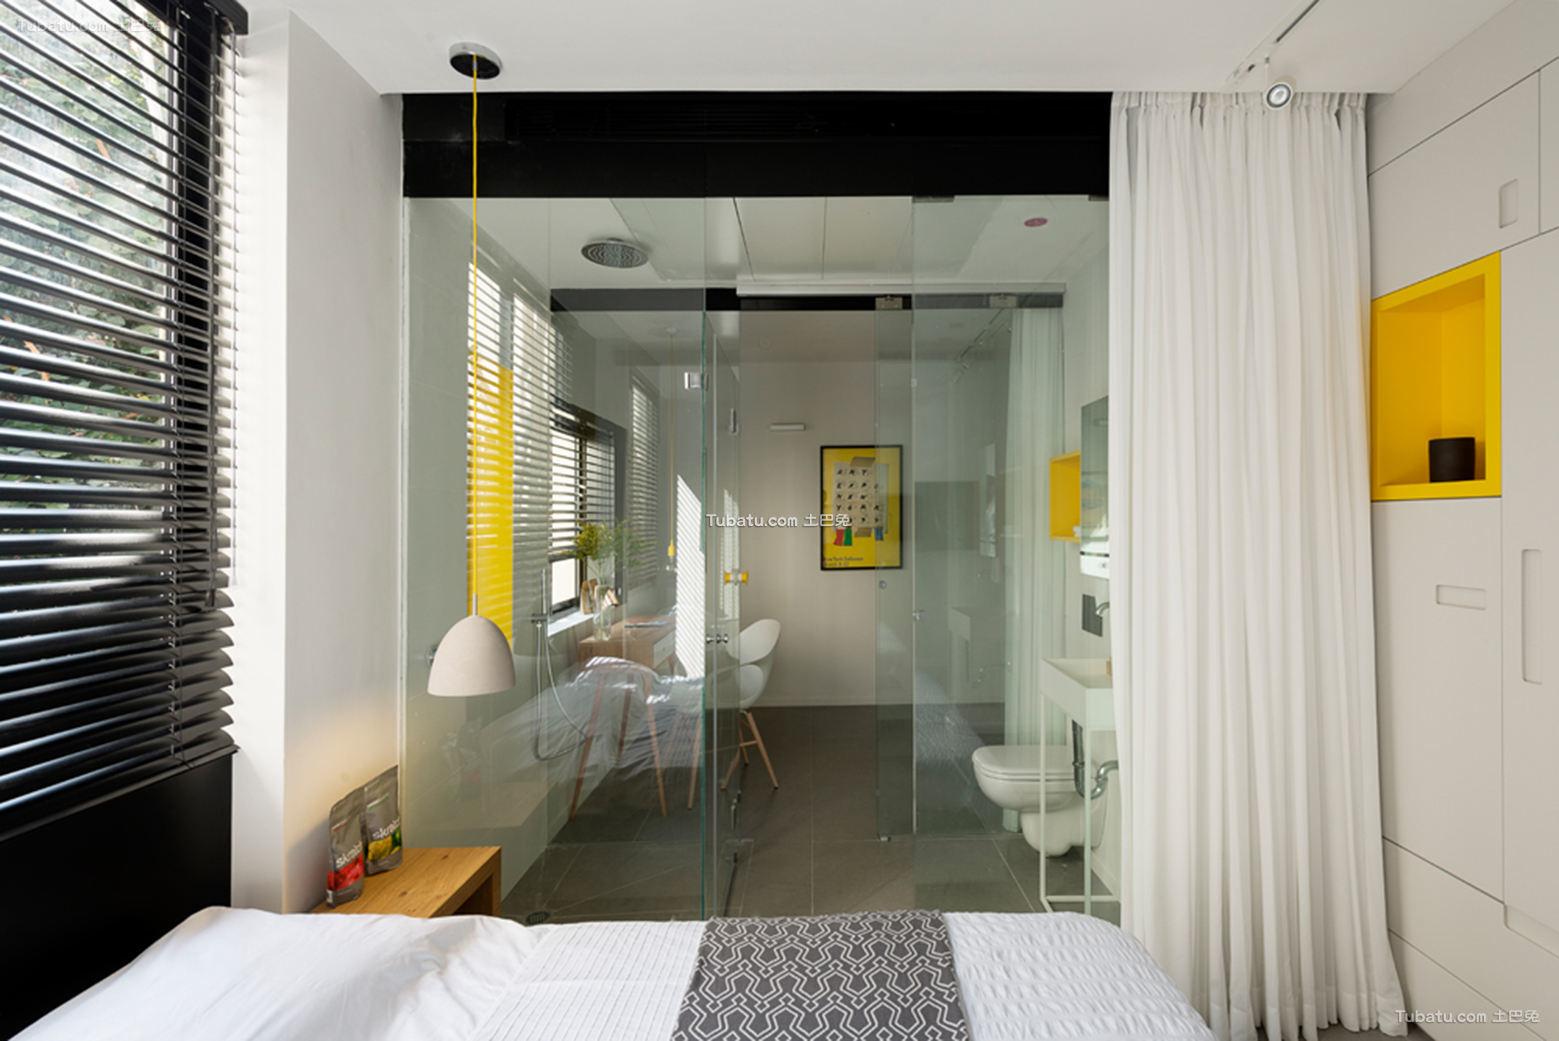 简约北欧设计卧室窗帘效果图